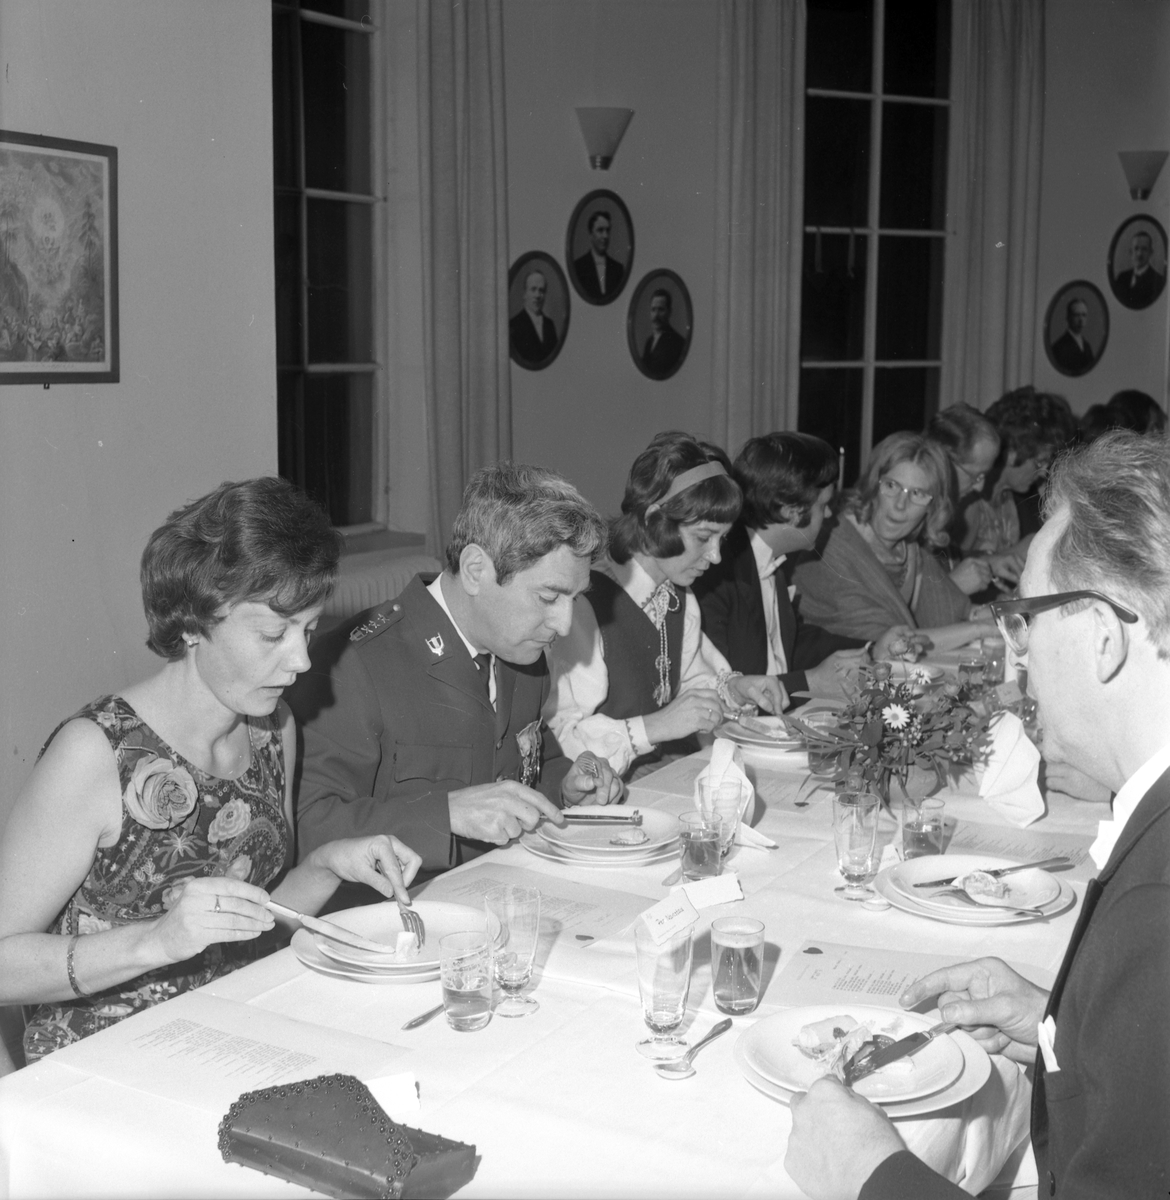 Alvenhags bröllop med bröllopsfest. Den 29 december 1972